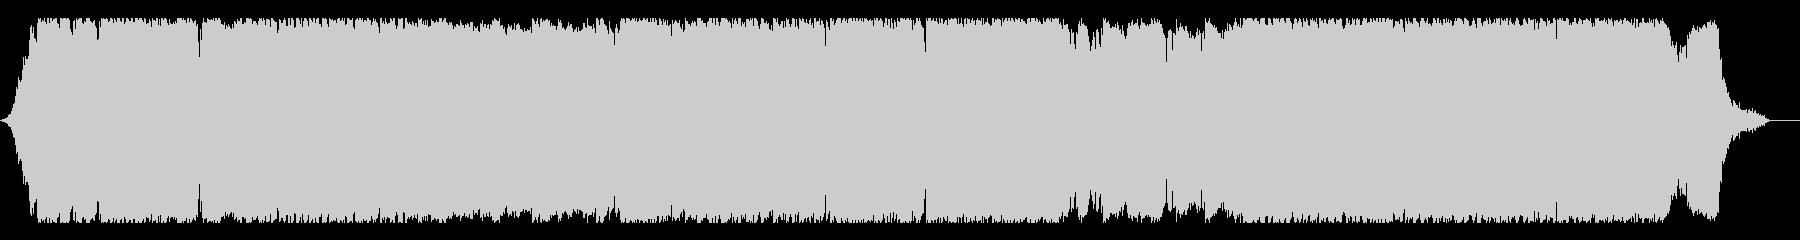 ダークファンタジーオーケストラ戦闘曲74の未再生の波形